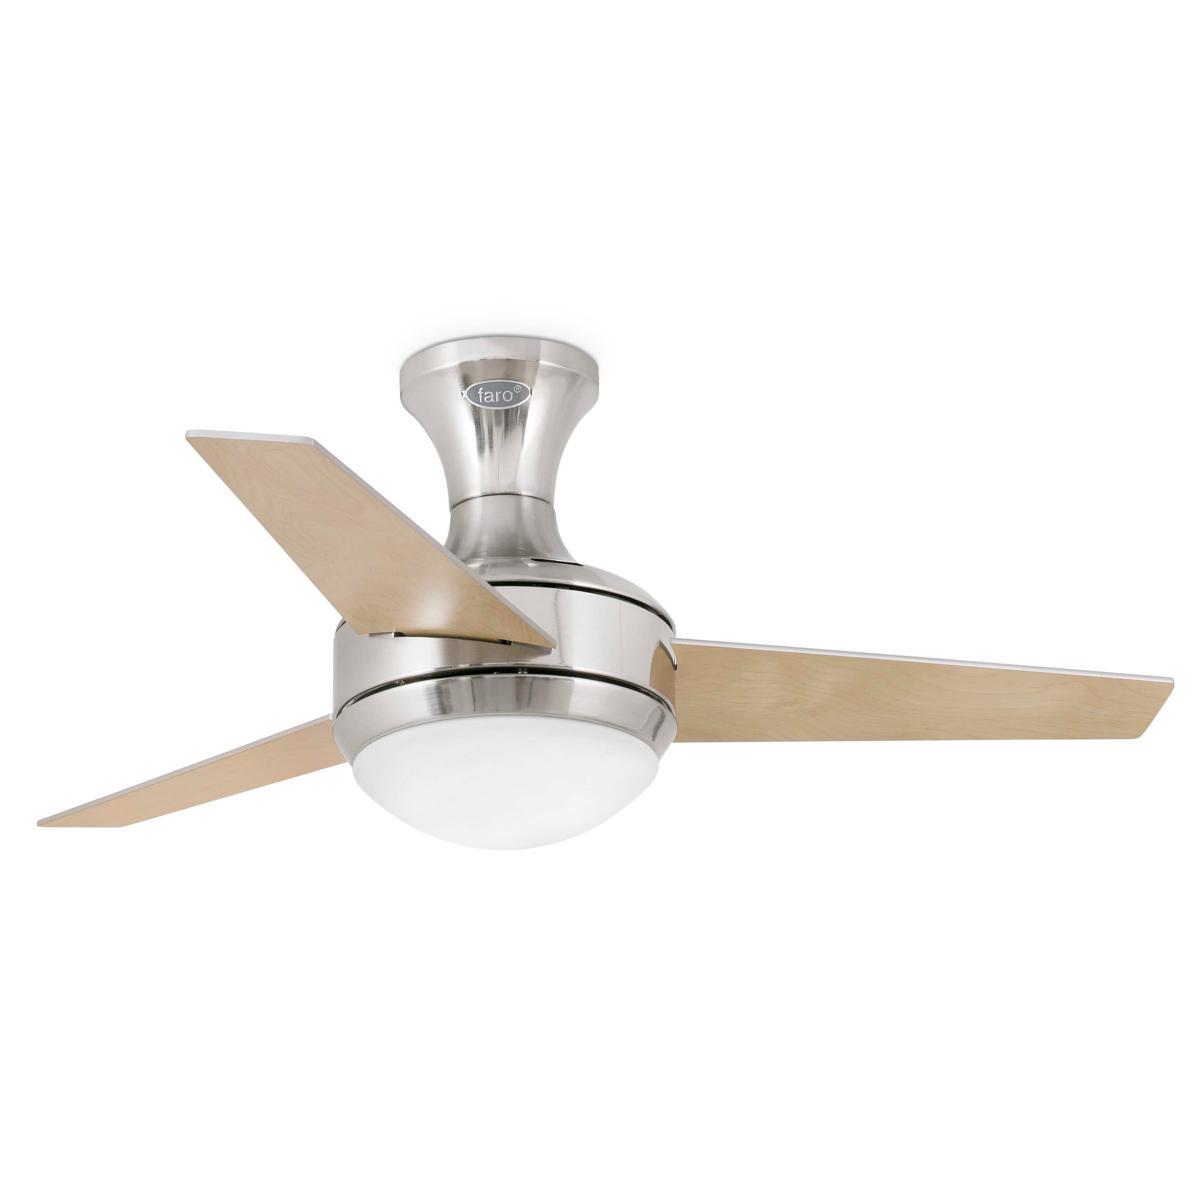 lustre ventilateur de plafond faro mini ufo 33455. Black Bedroom Furniture Sets. Home Design Ideas